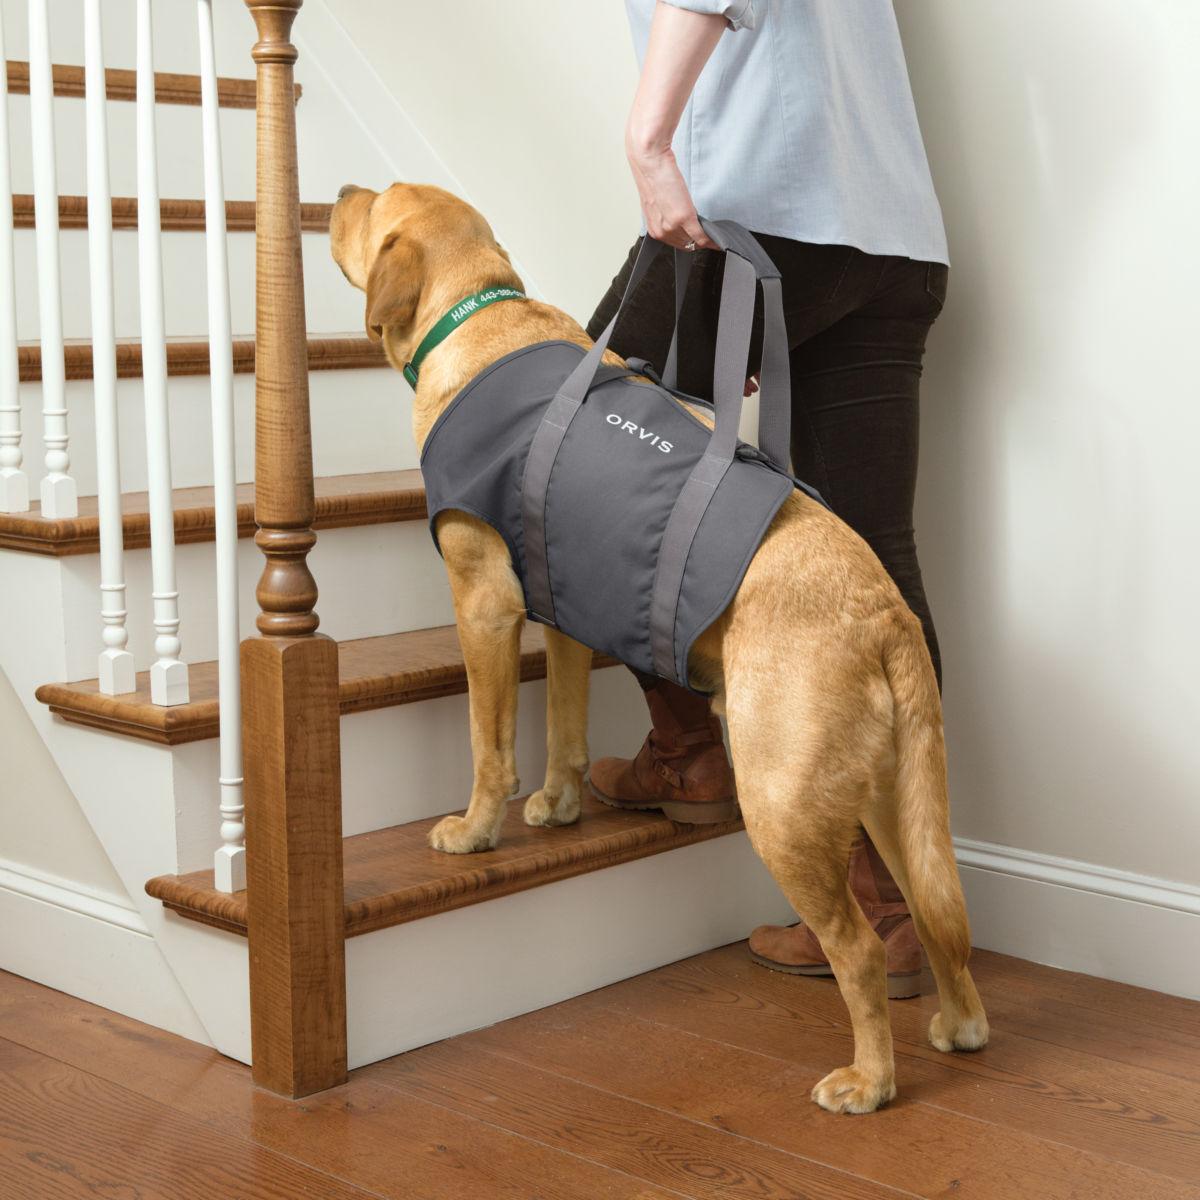 Dog Lift - image number 0